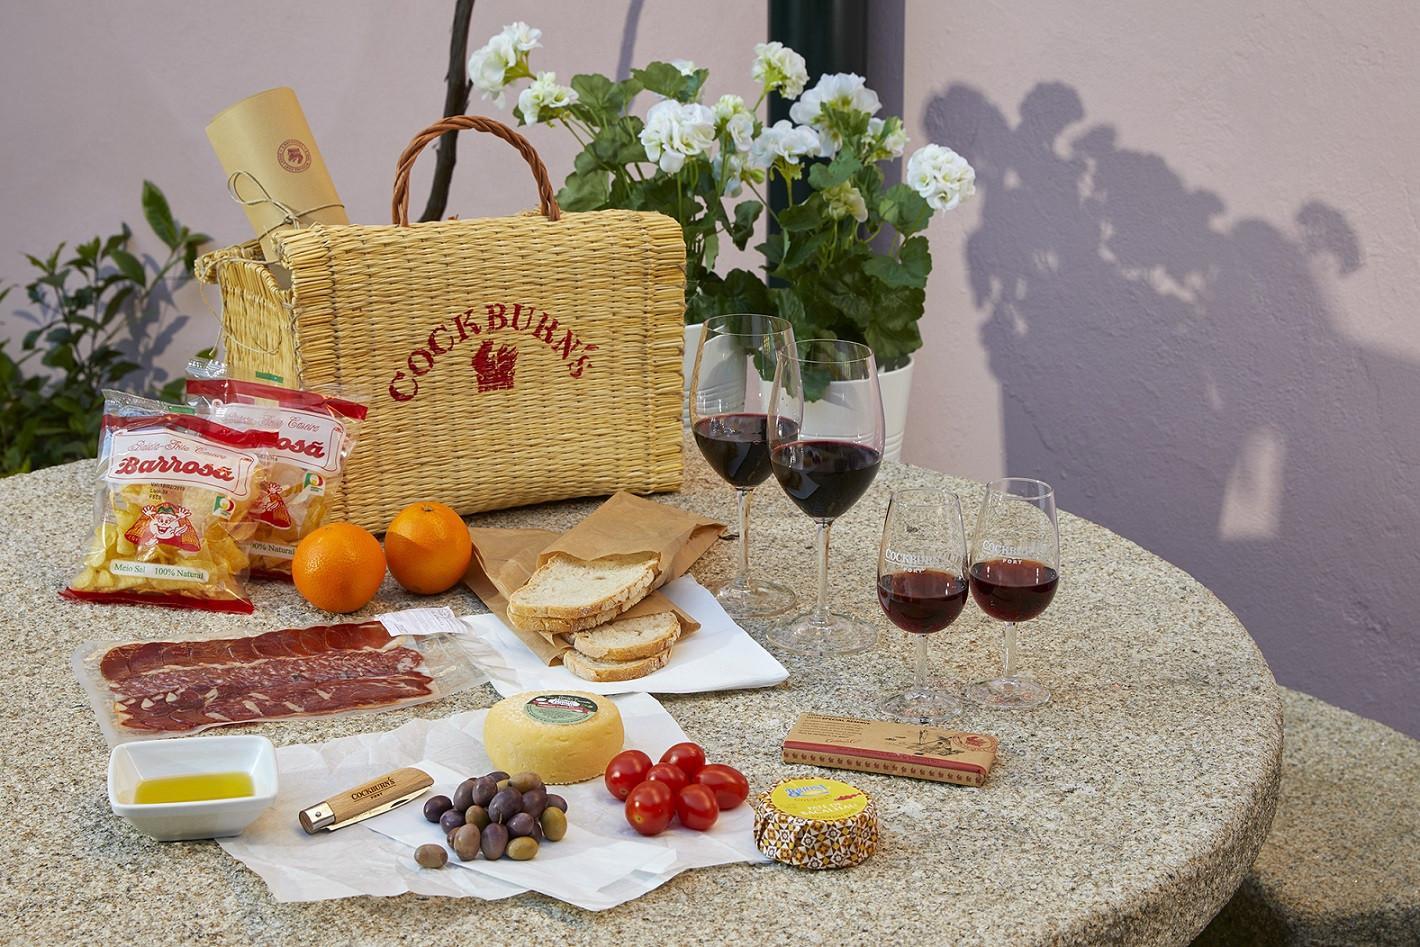 Caves Cockburn's: Iguarias e vinhos para saborear em cestas de vime